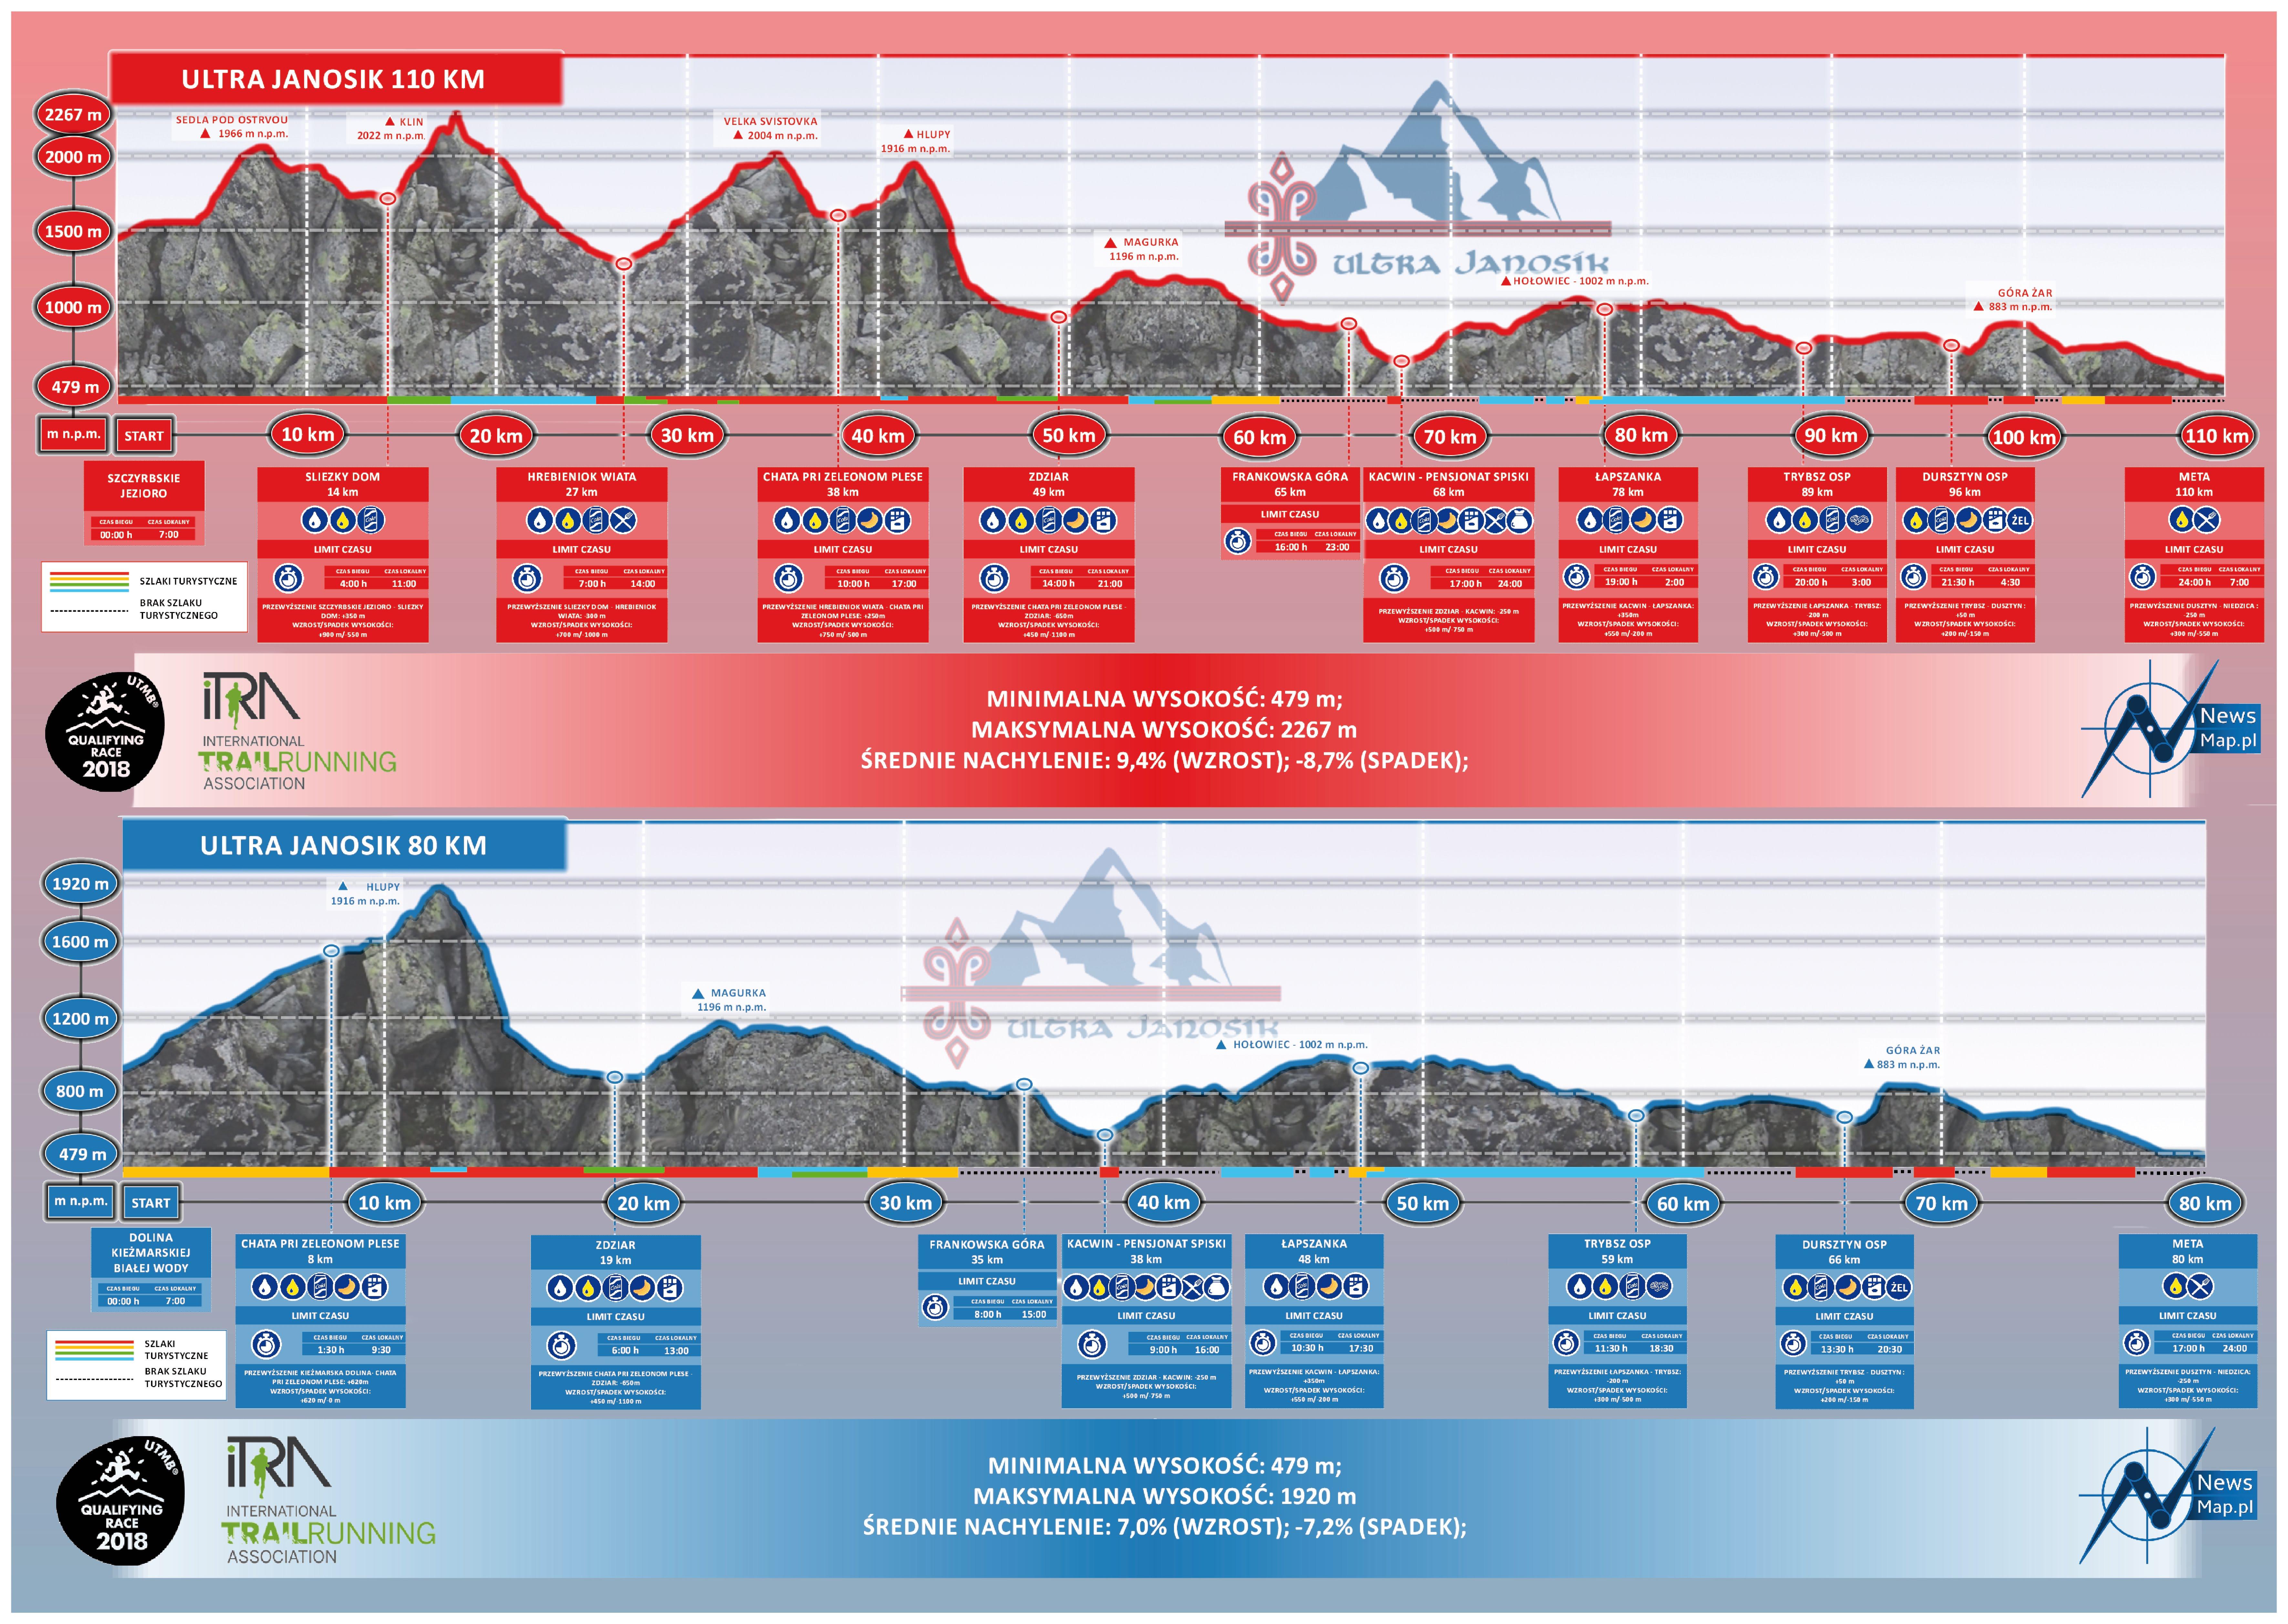 Ultra Janosik 110 i 80 km (mapa statyczna on-line odwrót profile)-CMYK